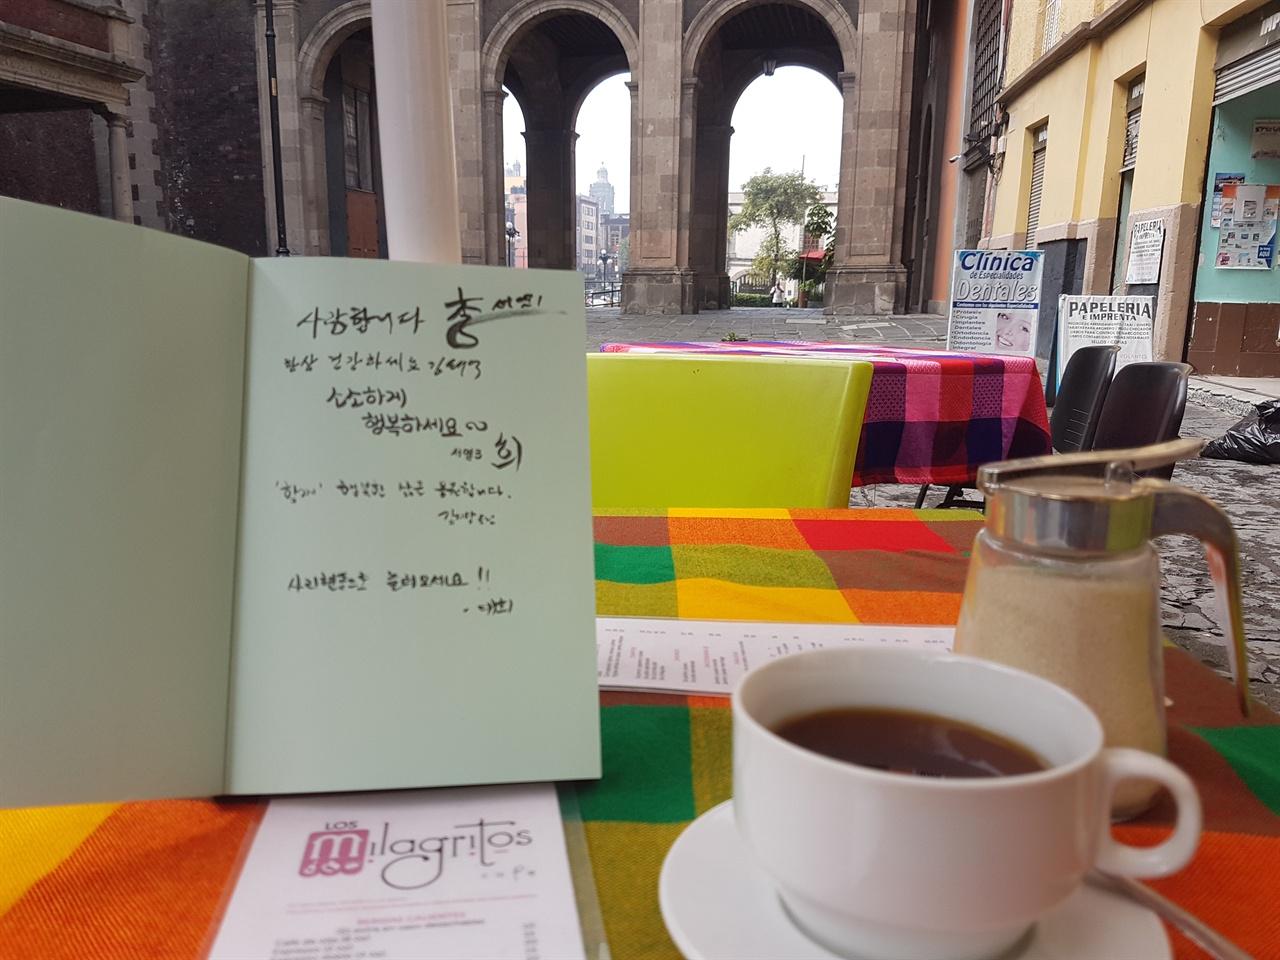 멕시코시티 플라자 산토 도밍고에서 저자의 싸인이 담긴 책을 보고 있다.